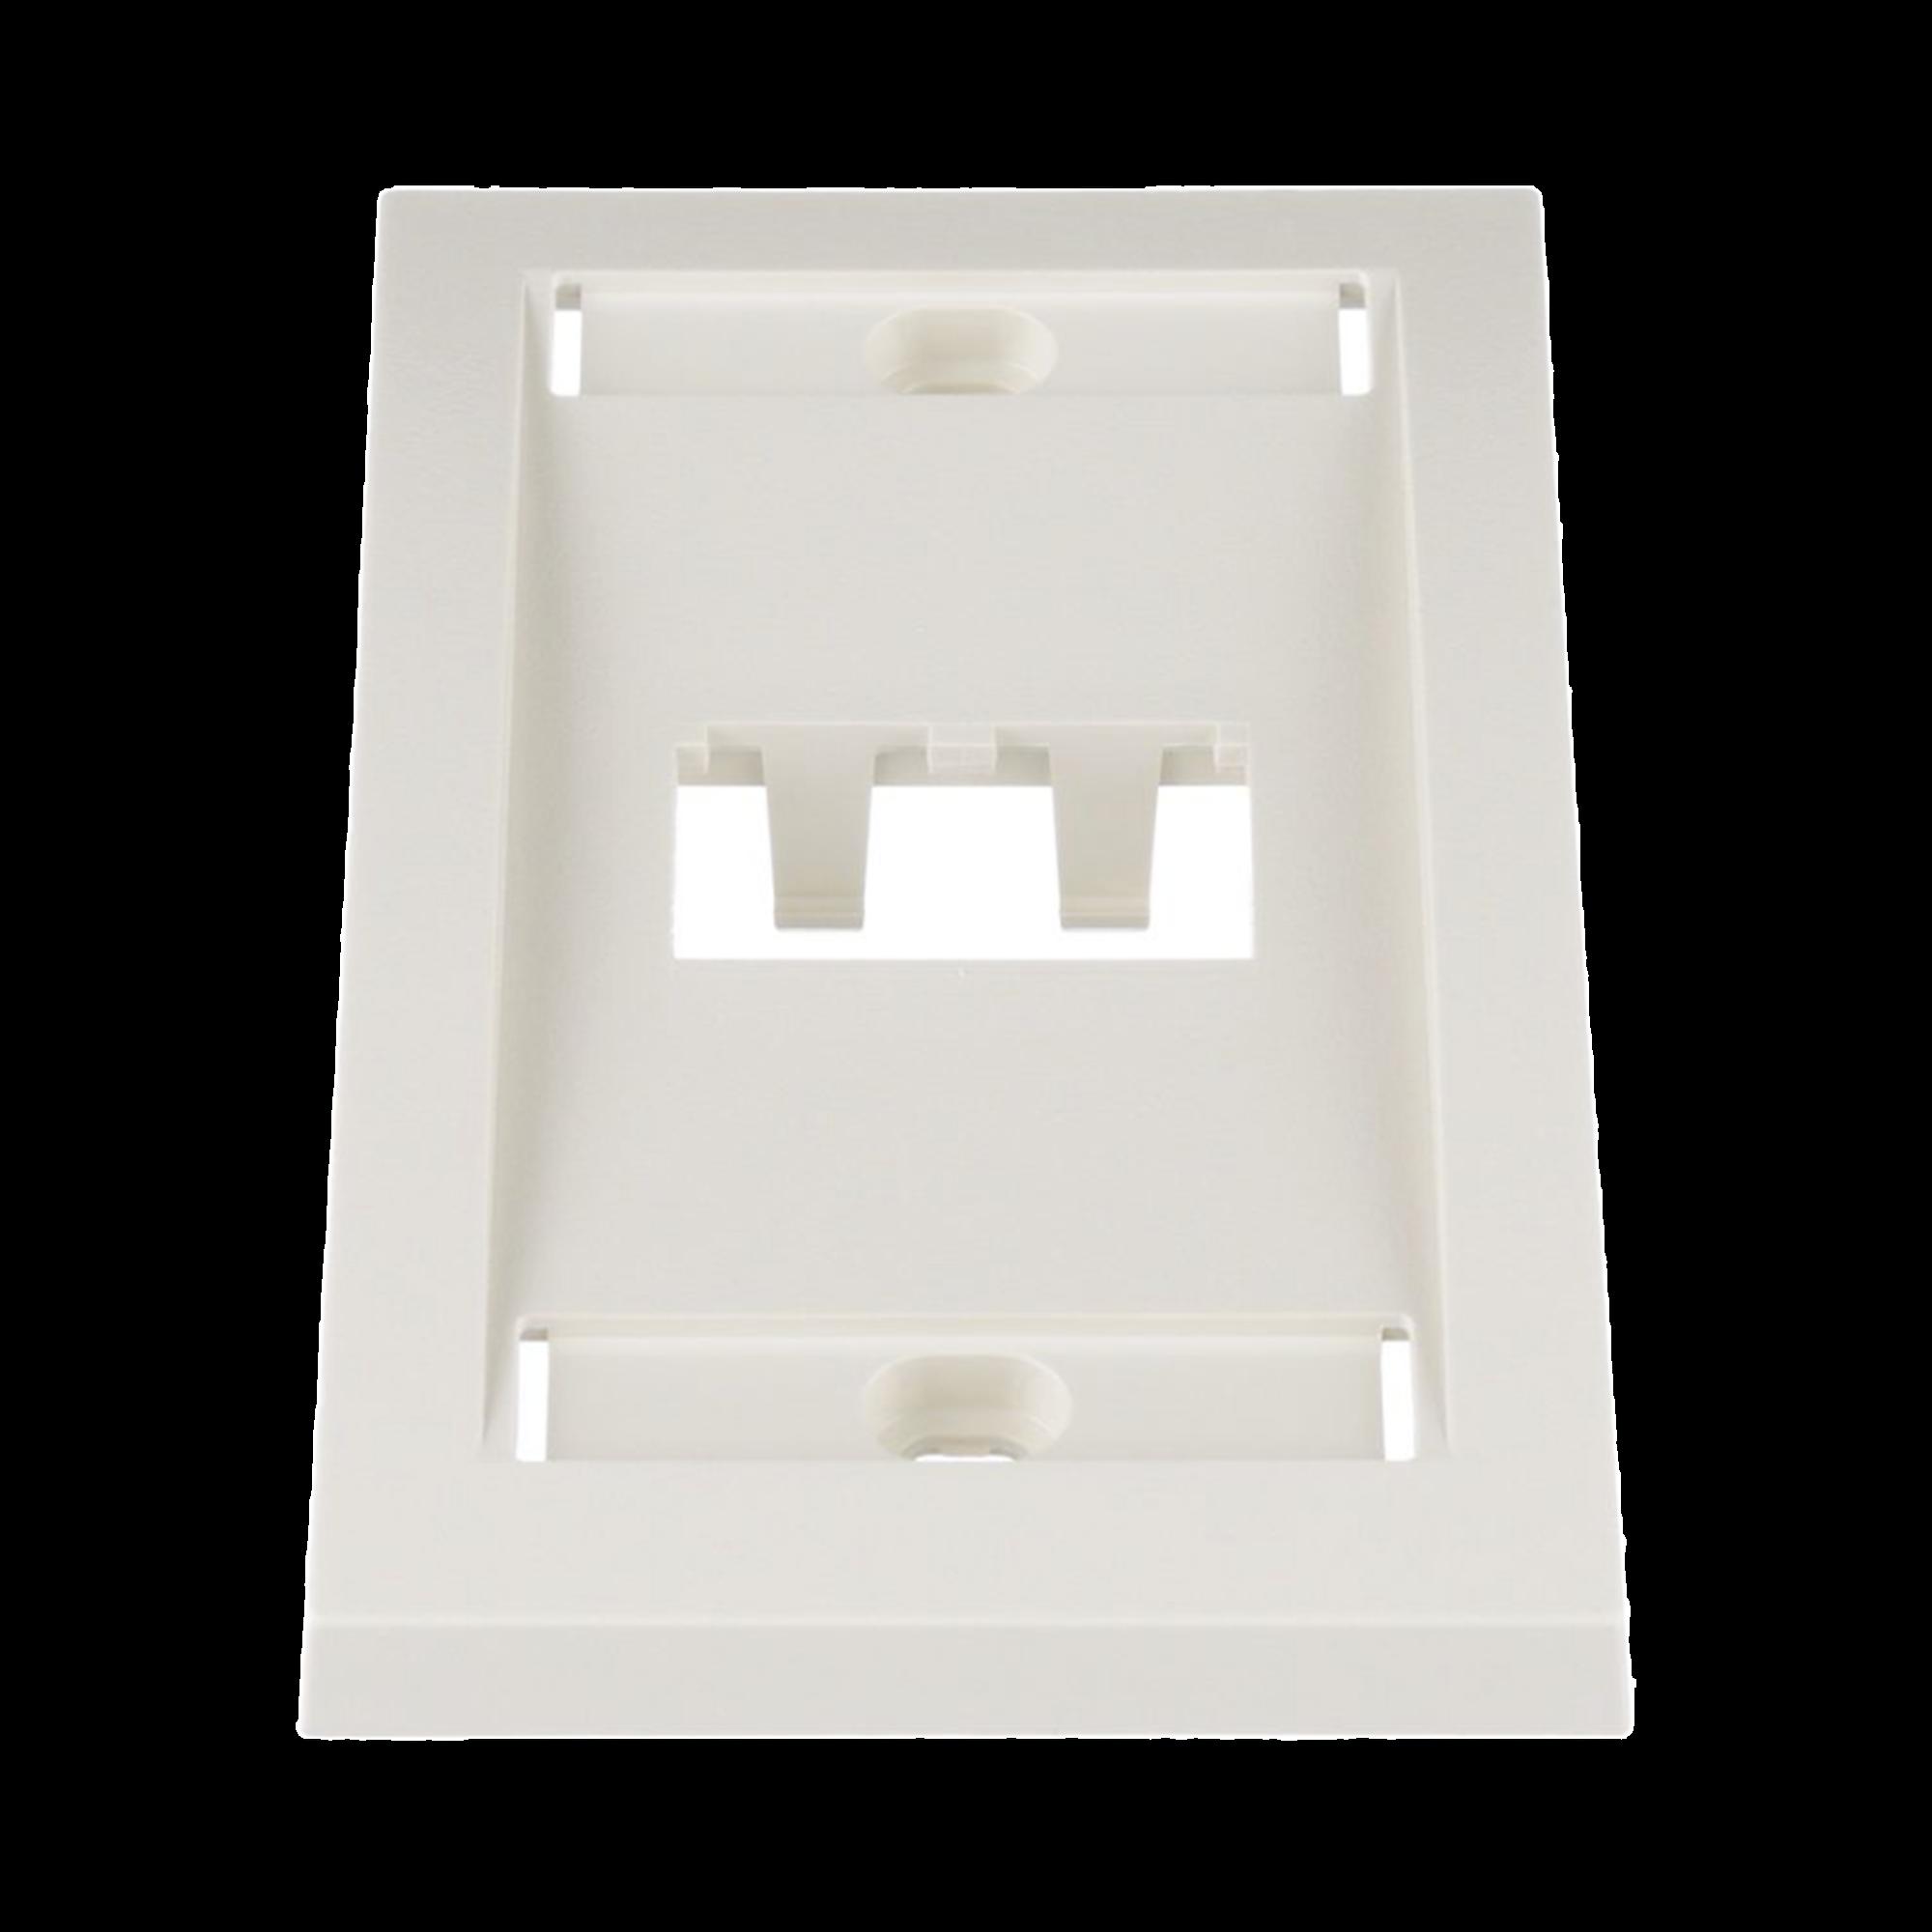 Placa de Pared Vertical Ejecutiva, Salida Para 2 Puertos Mini-Com, Con Espacios Para Etiquetas, Color Blanco Mate